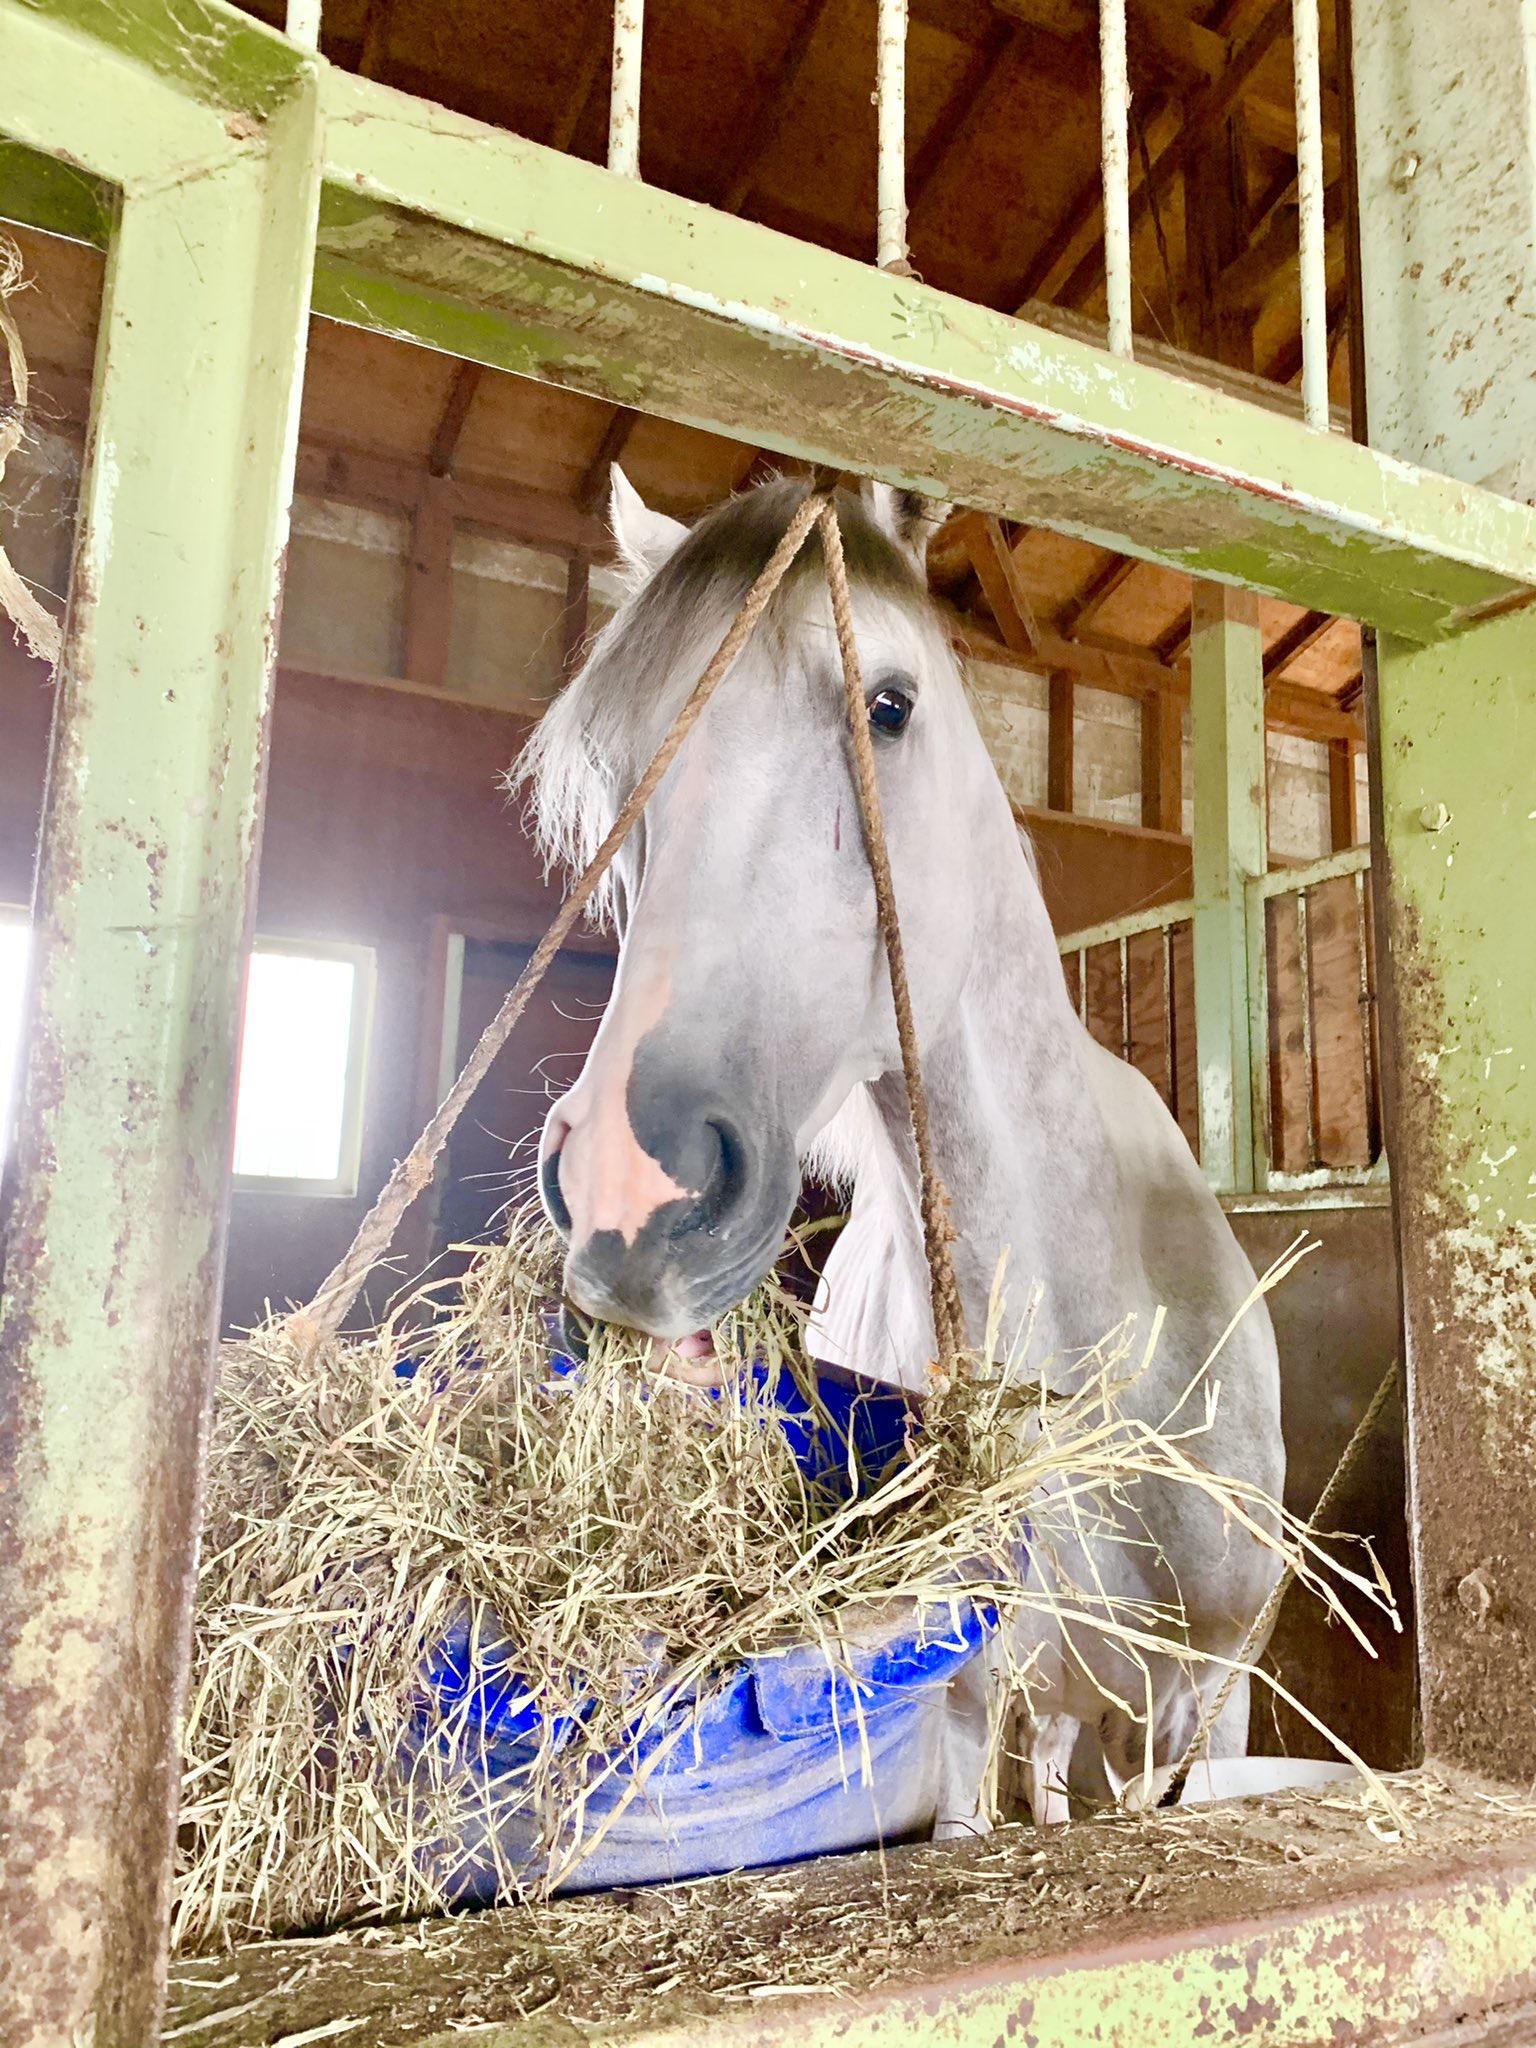 [引退馬支援]クラウドファンディング達成と、これから目指す『馬の未来』